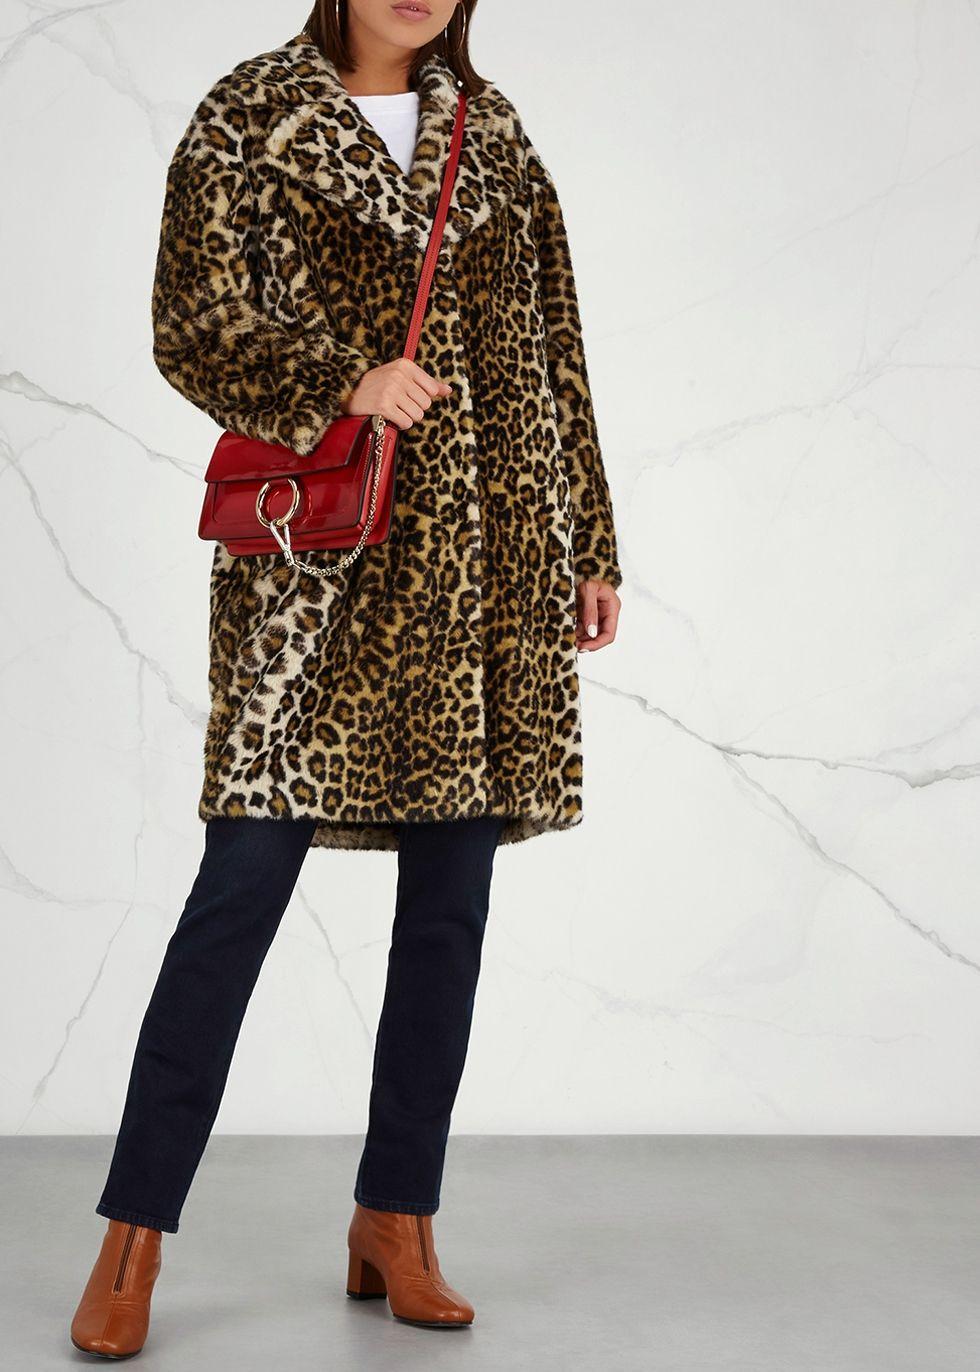 a6afde8d5 Camille leopard-print faux fur coat in 2019